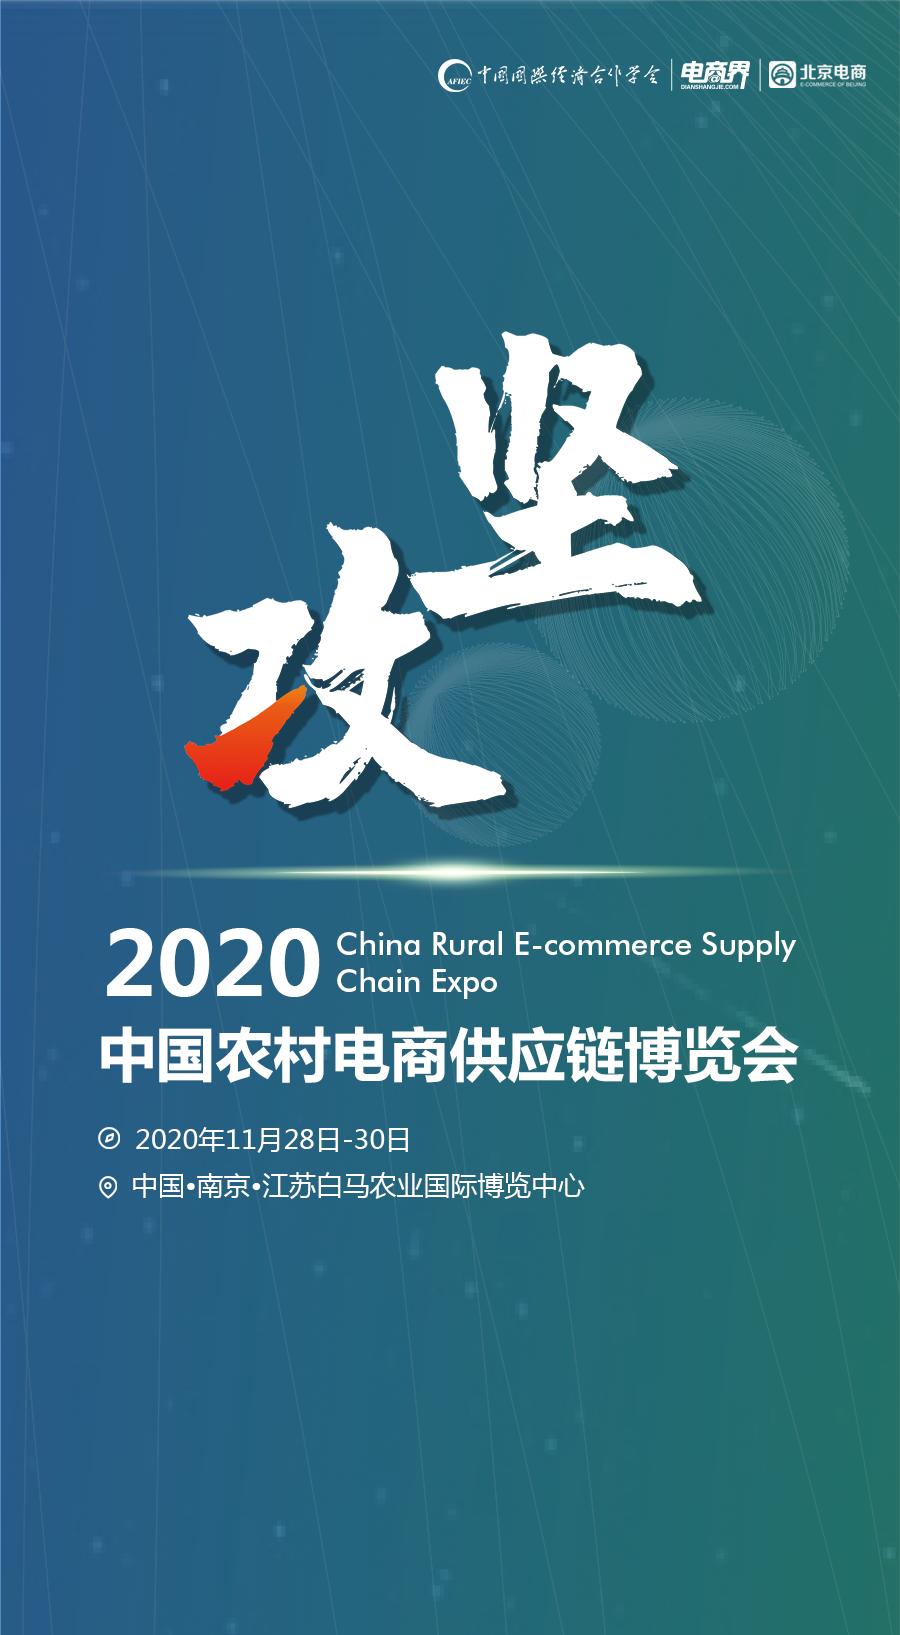 2020中国农村电商供应链大会